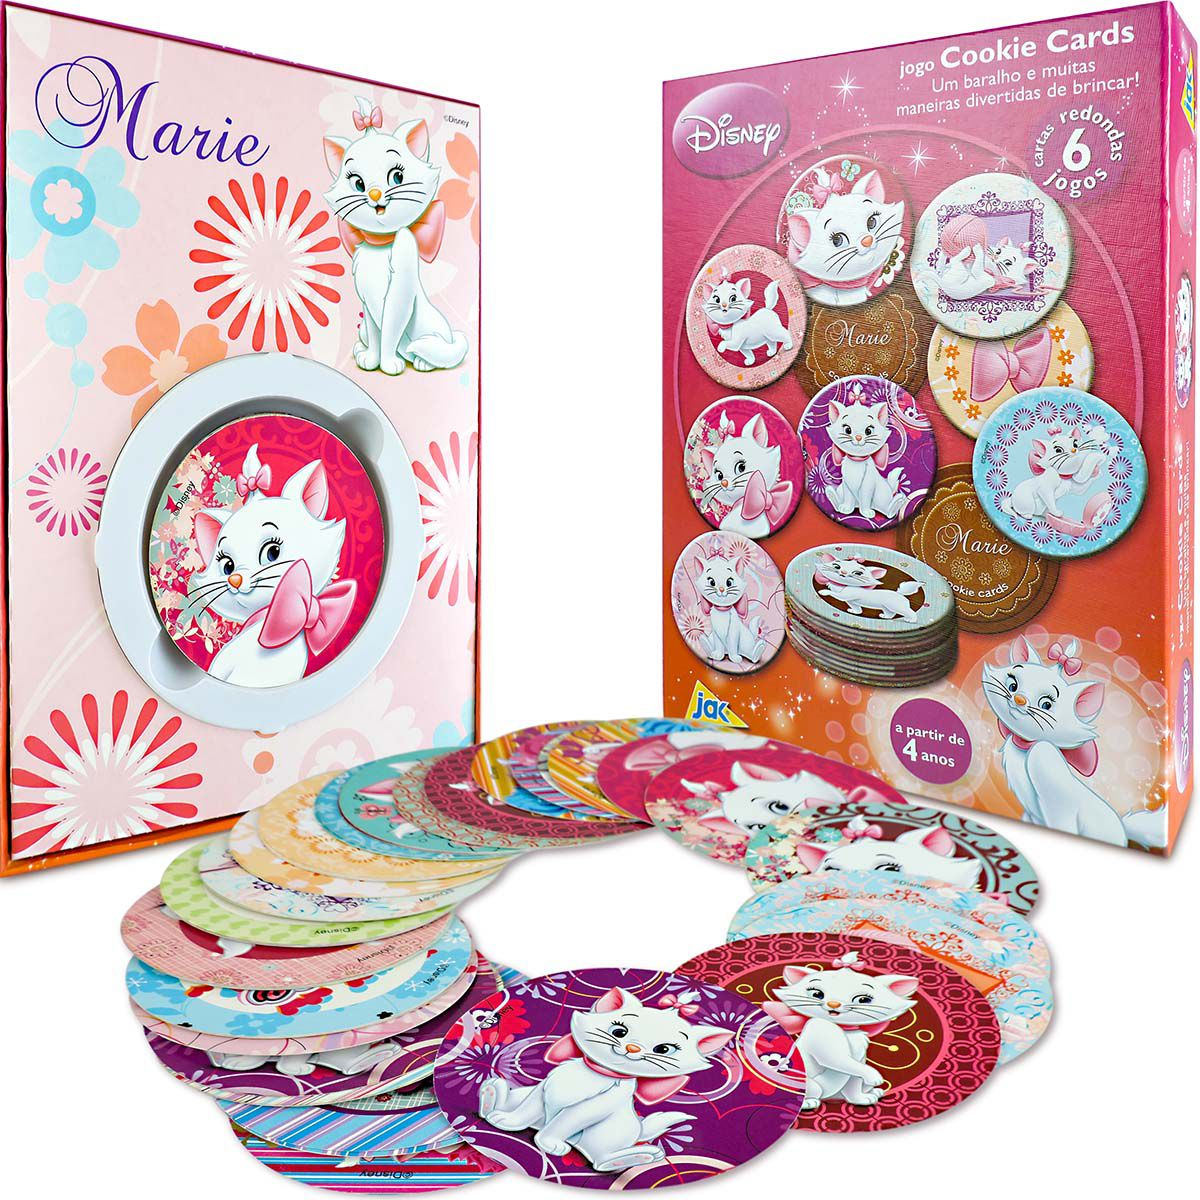 Coleção Jogo da Memória + 5 Jogos Marie Disney Cookies Toyster